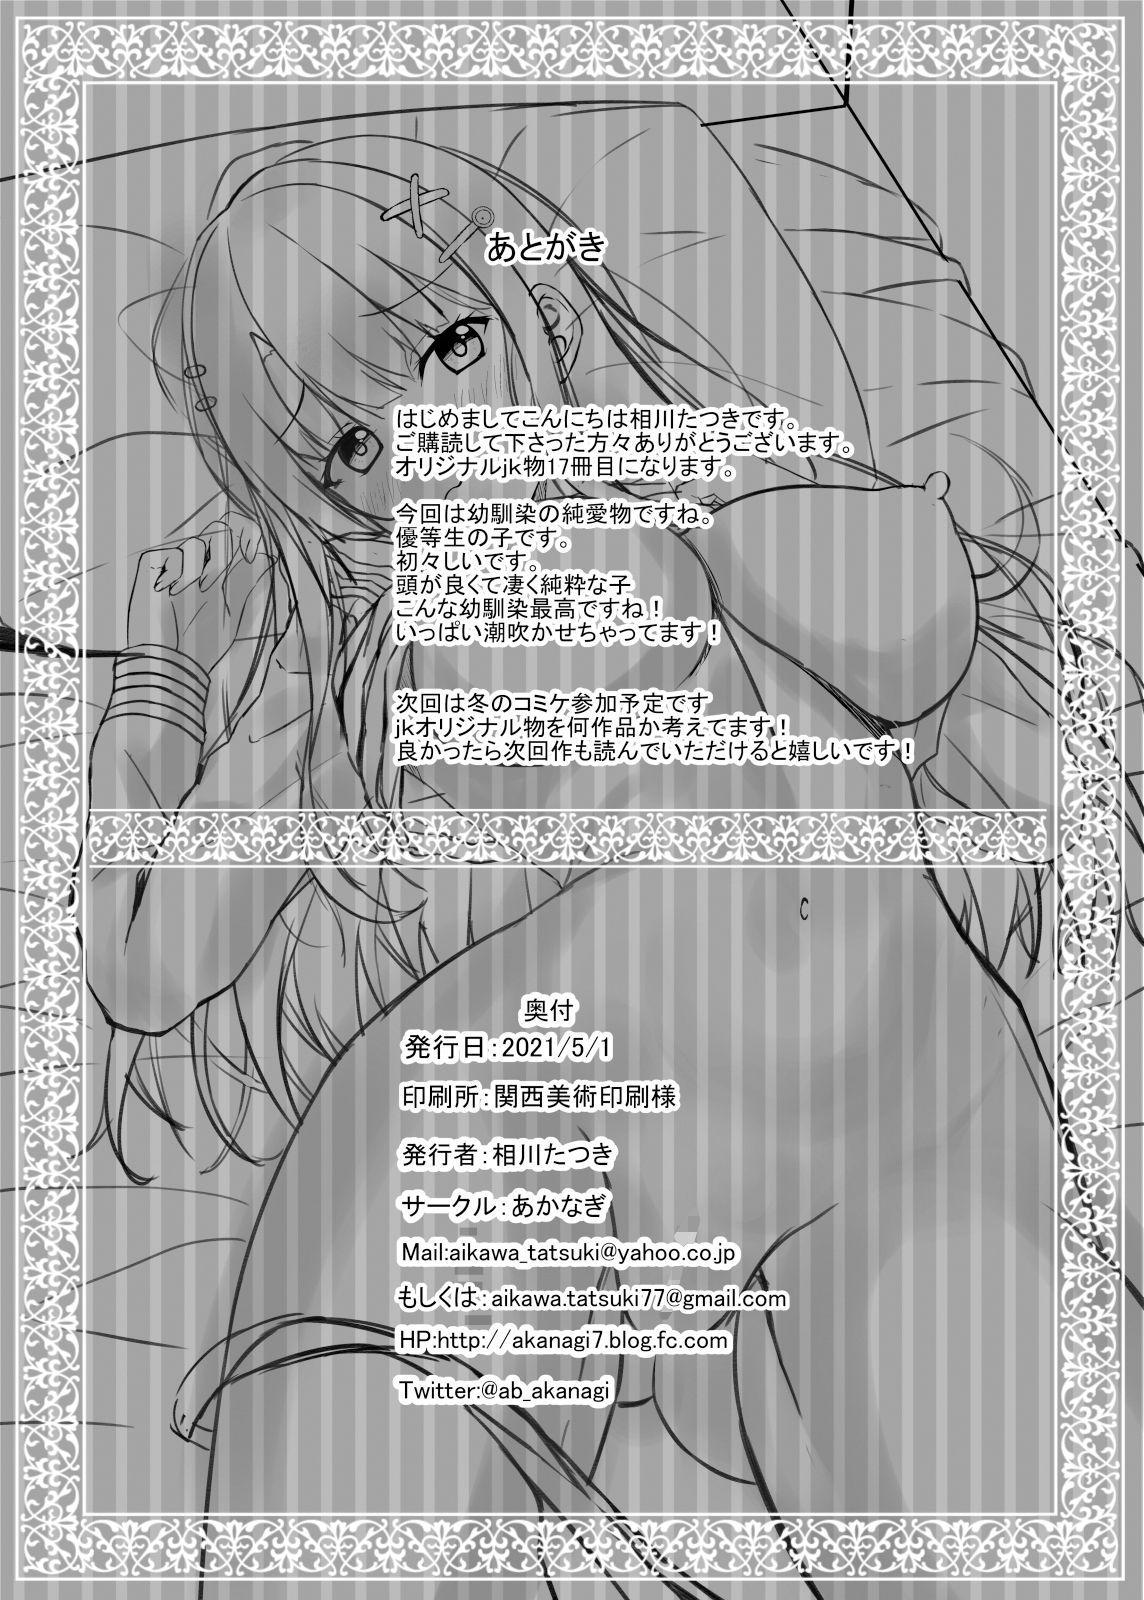 Saishoku Kenbi de Hazukashigariya na jk to Hatsu H made 24